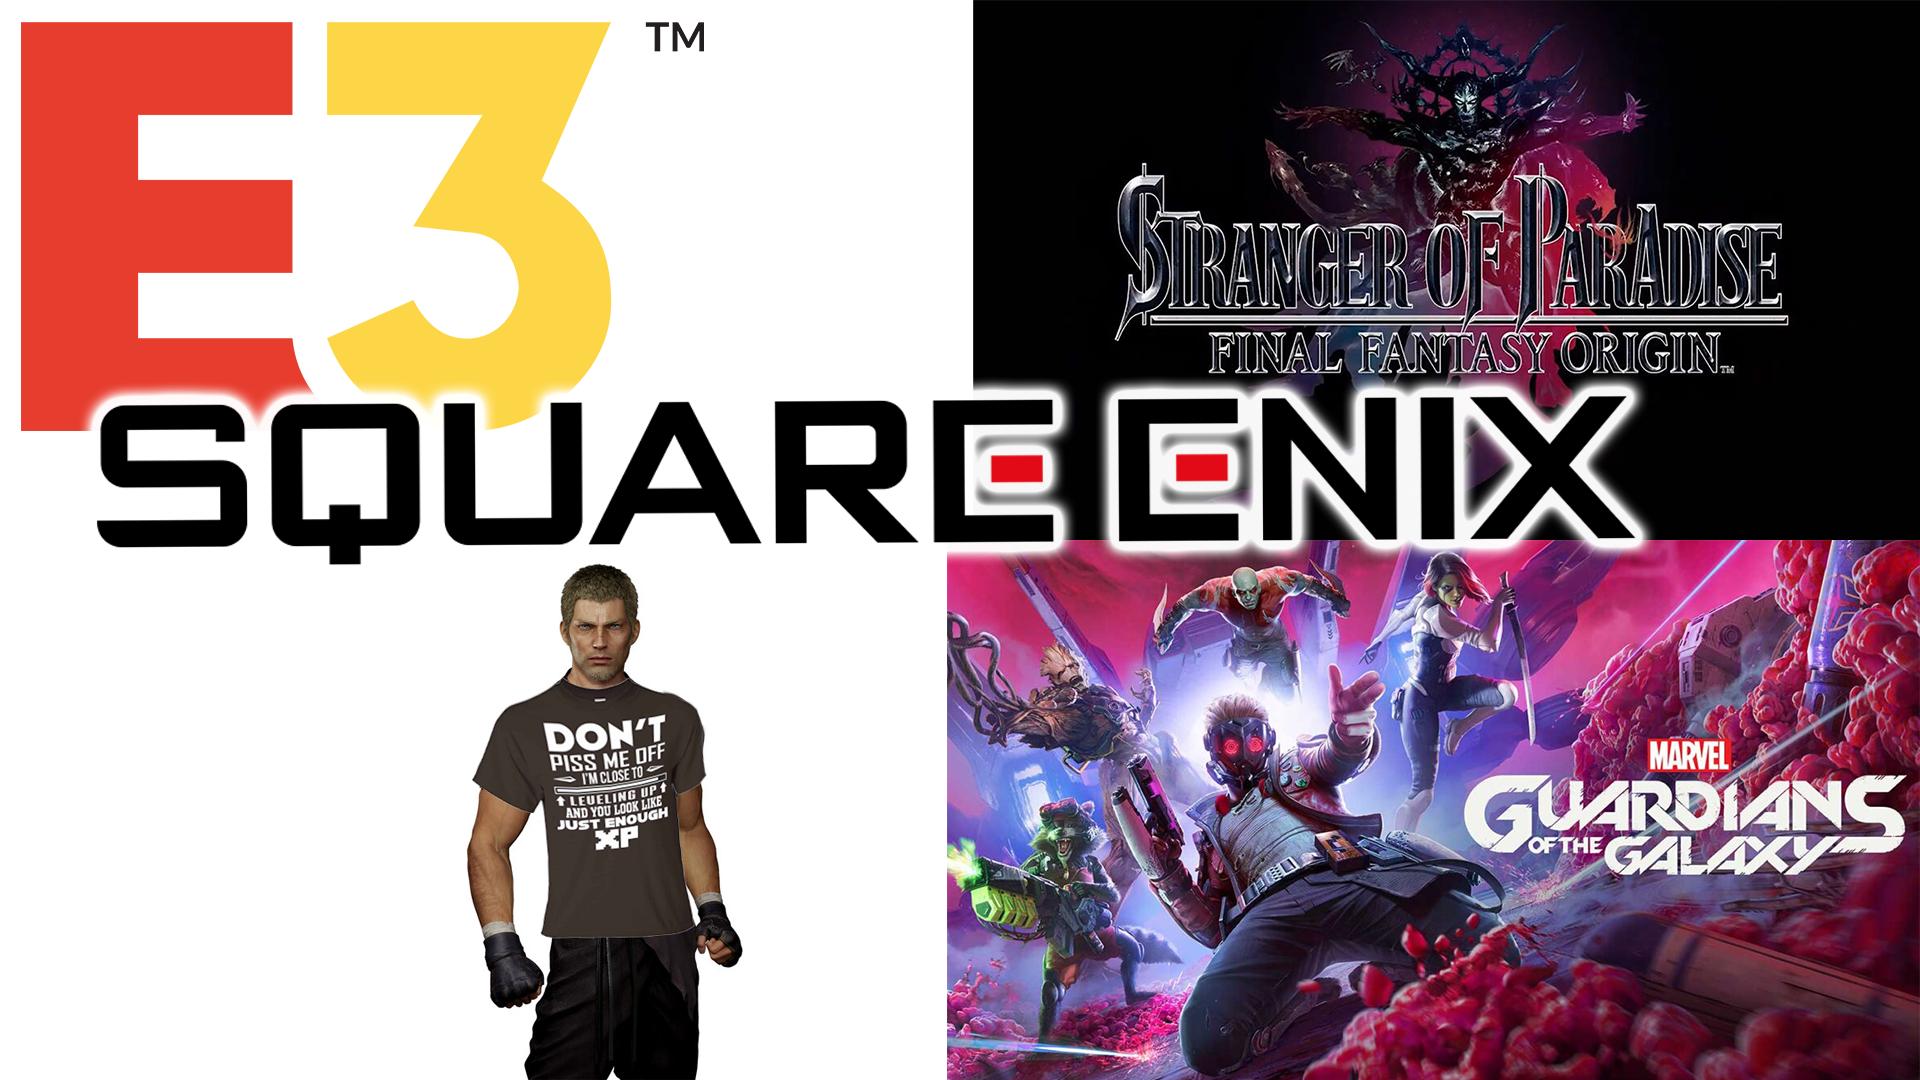 Square Enix's E3 Event Overview